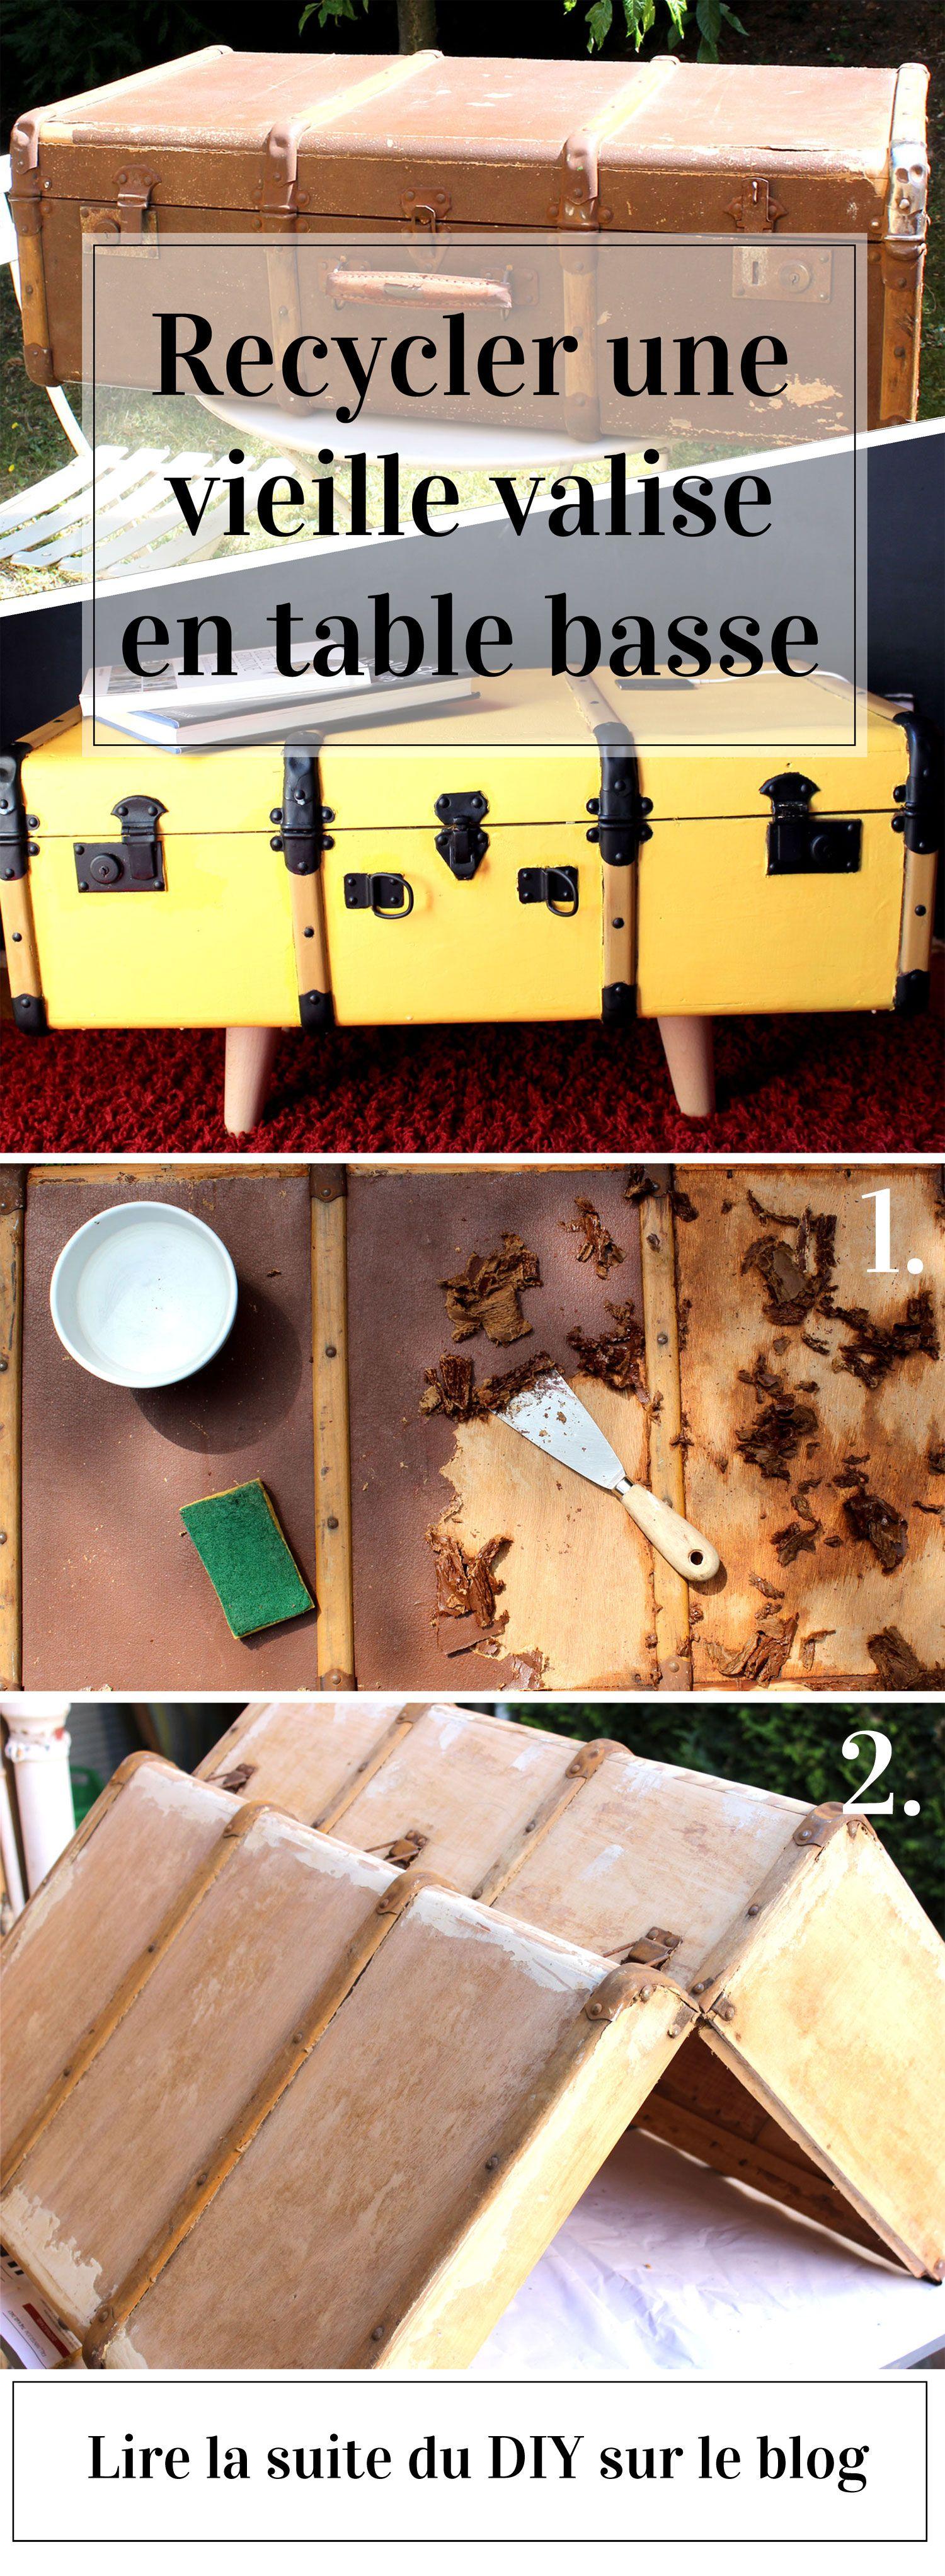 diy recyclage d 39 une vieille valise en table basse vintage deco table valise deco. Black Bedroom Furniture Sets. Home Design Ideas